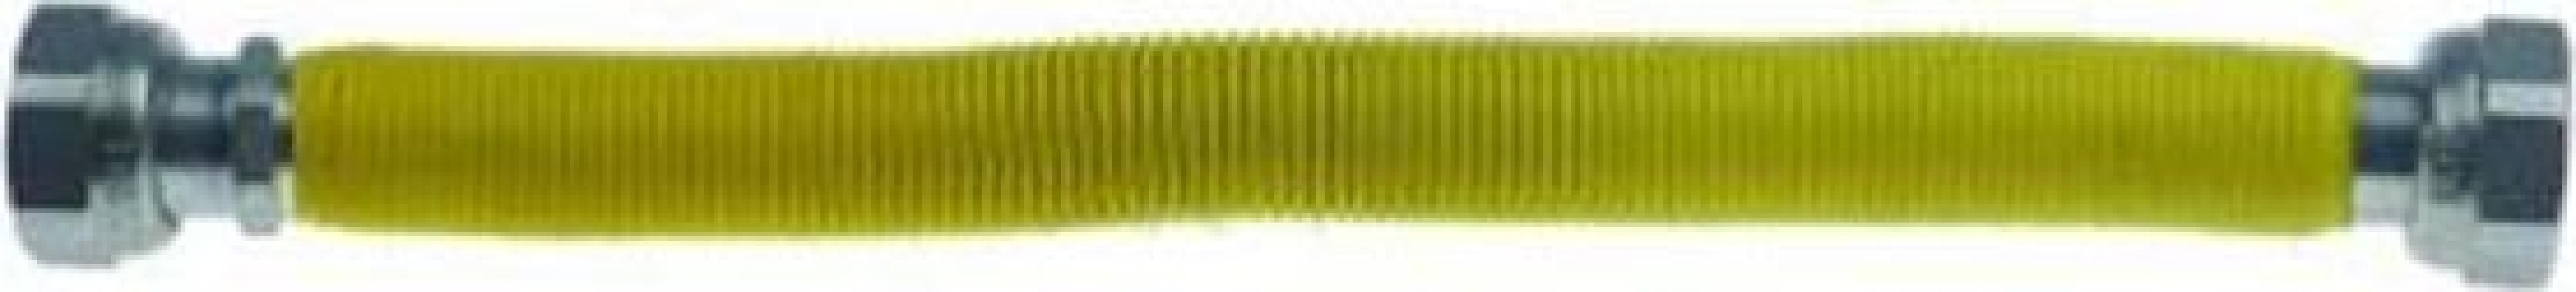 Furtun gaz Uni Cig 9891, lungime 1000-2000mm